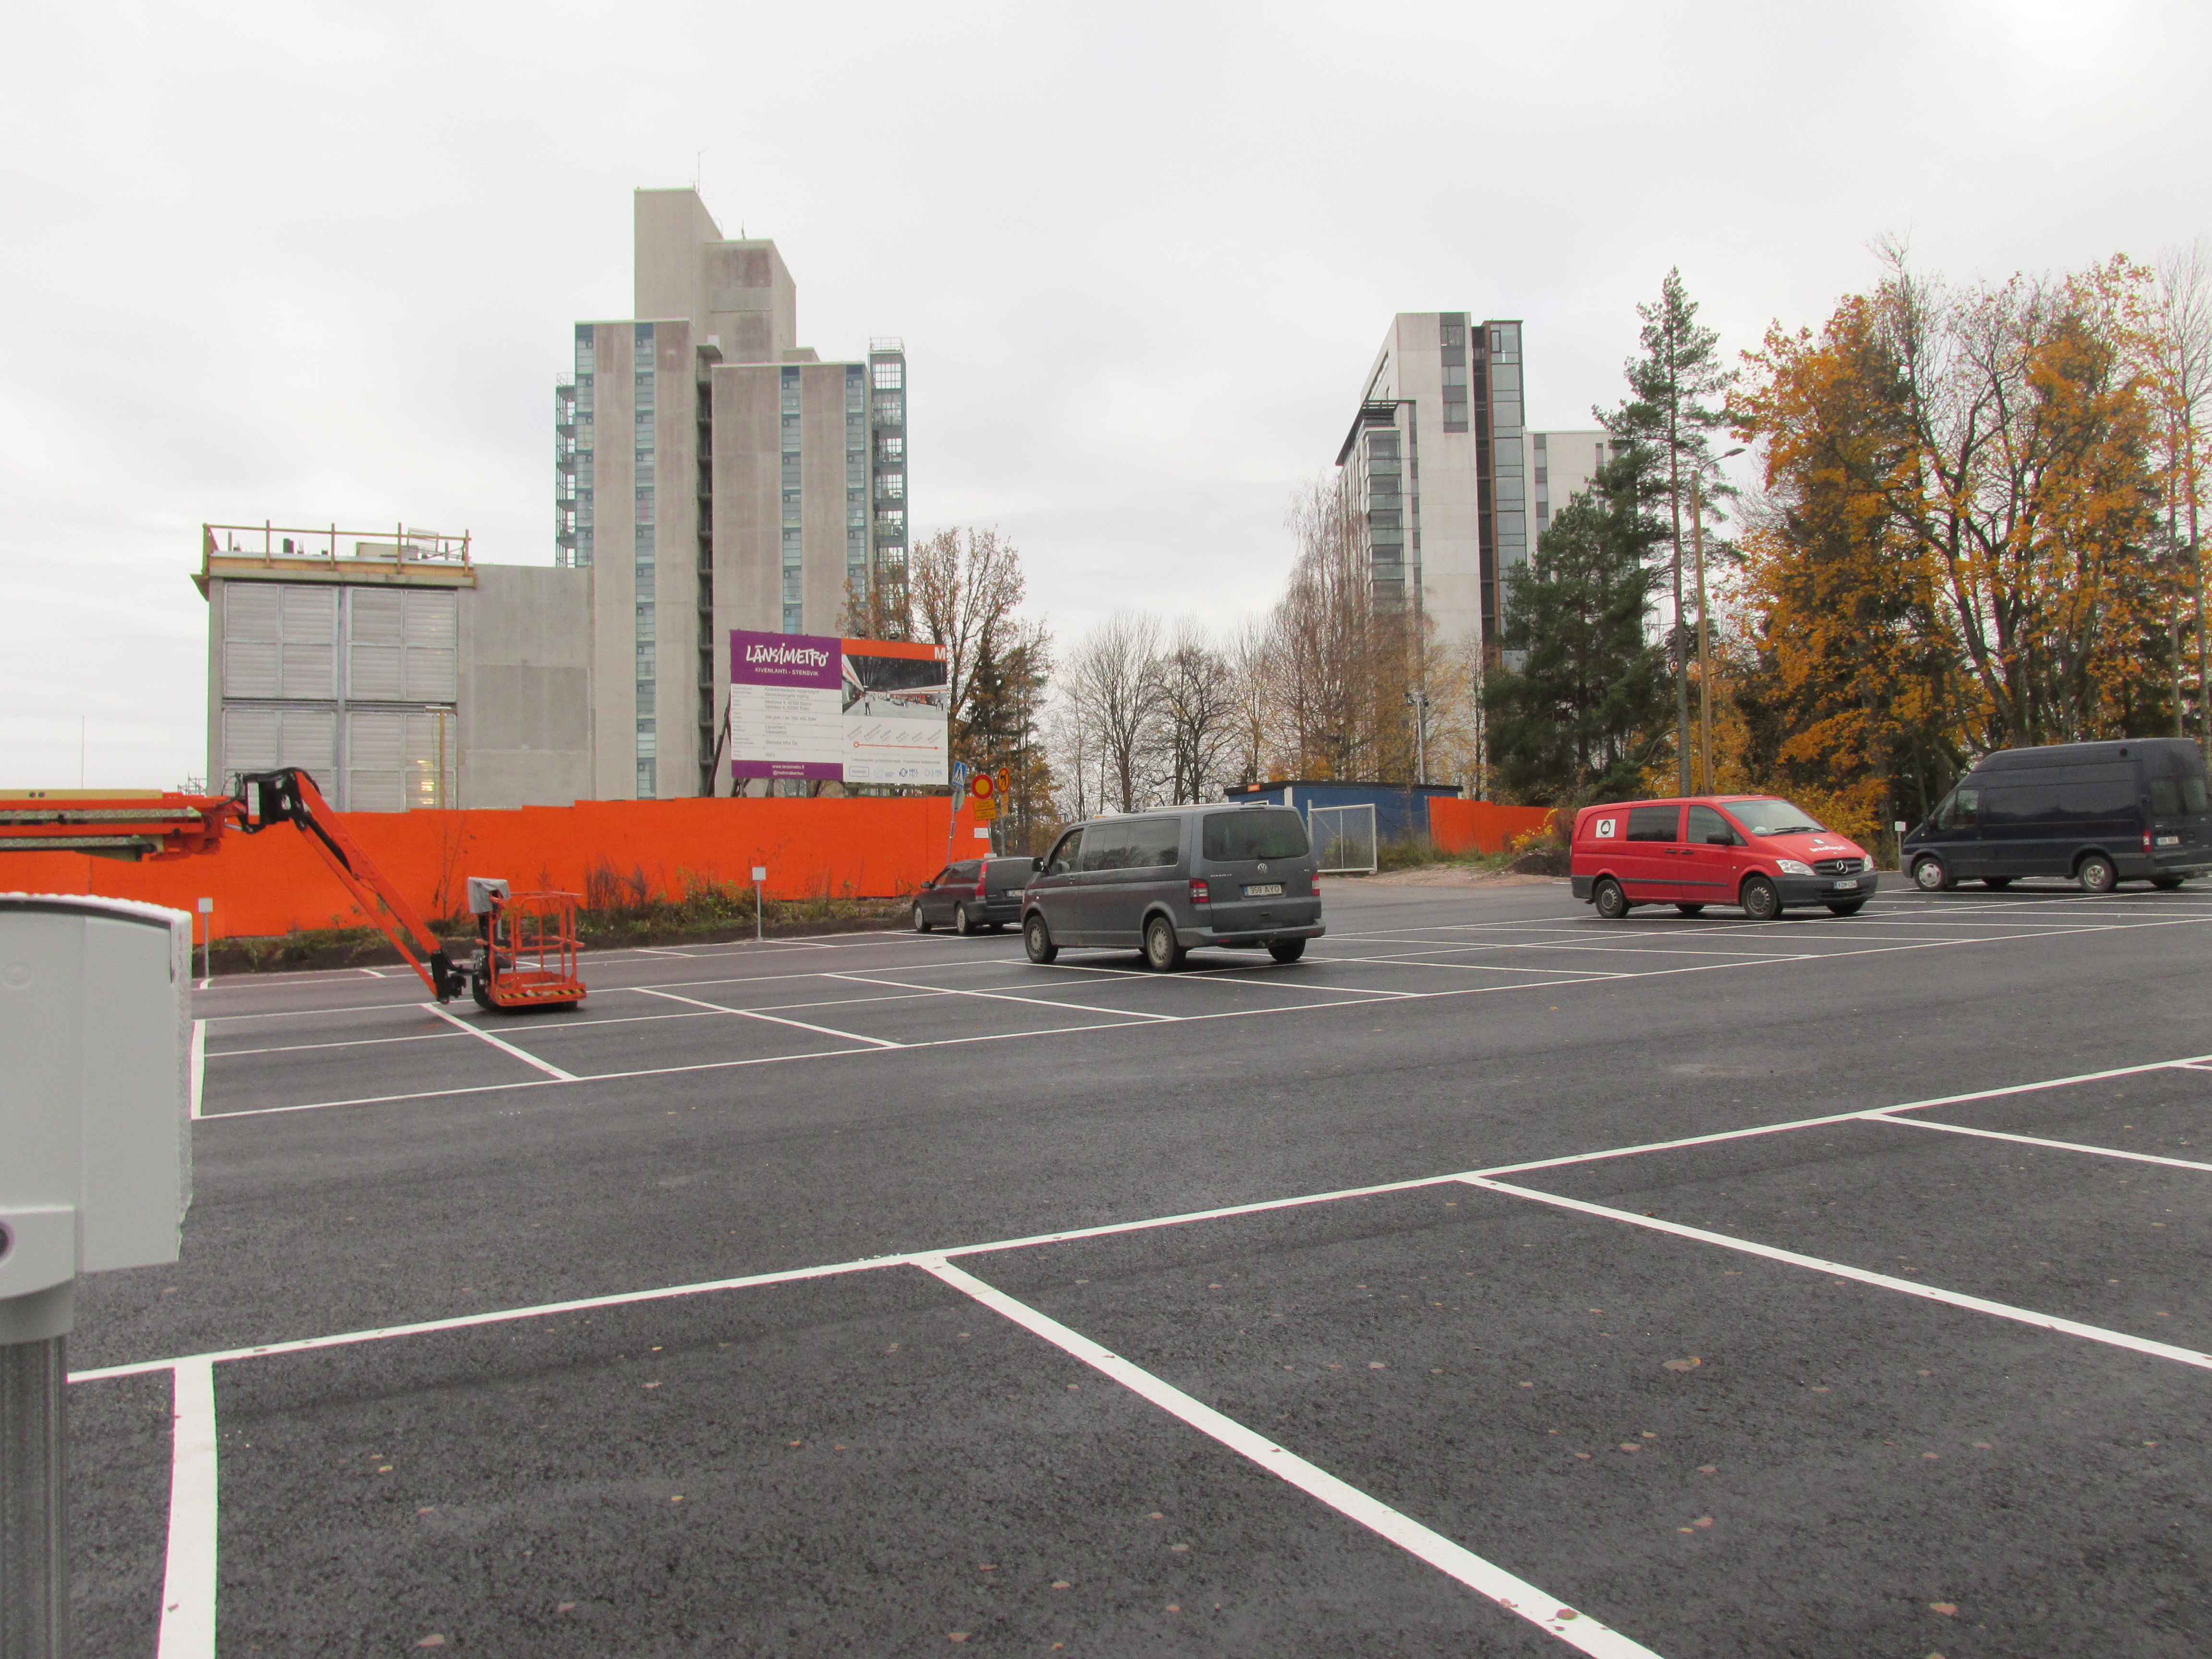 Nimi: Kivenlahden metroaseman parkkipaikka 2020, Kuvaaja: Tarja Kaltiomaa